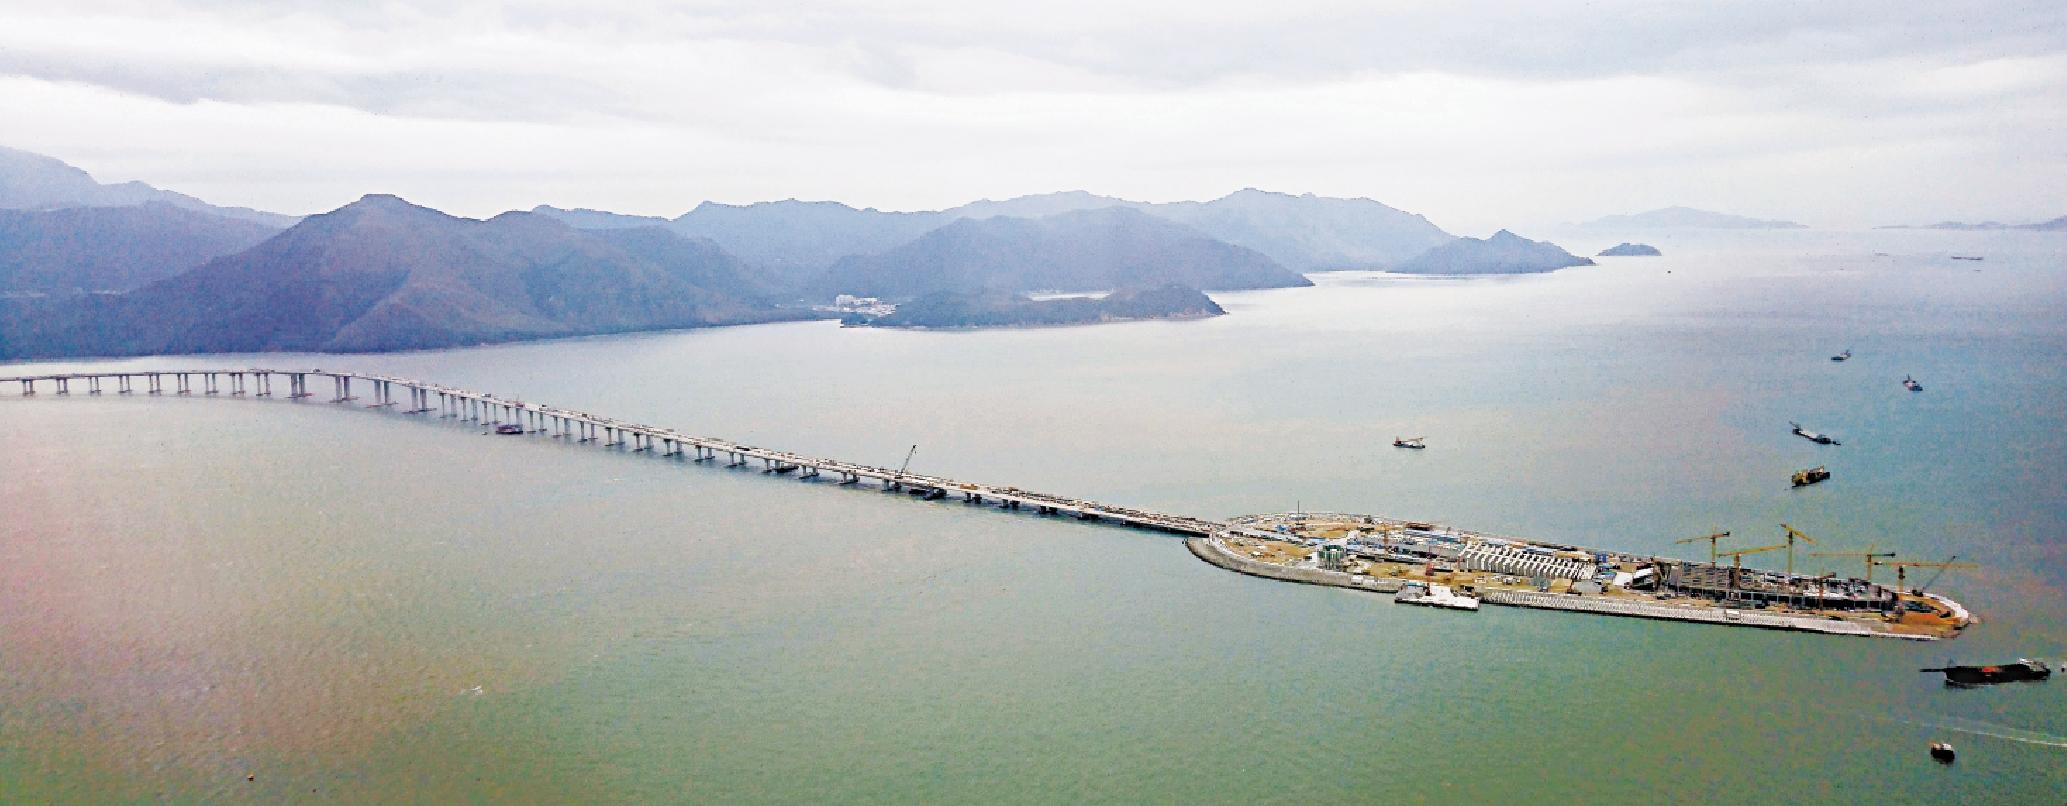 大公社评:大桥结构必须彻查以确保安全